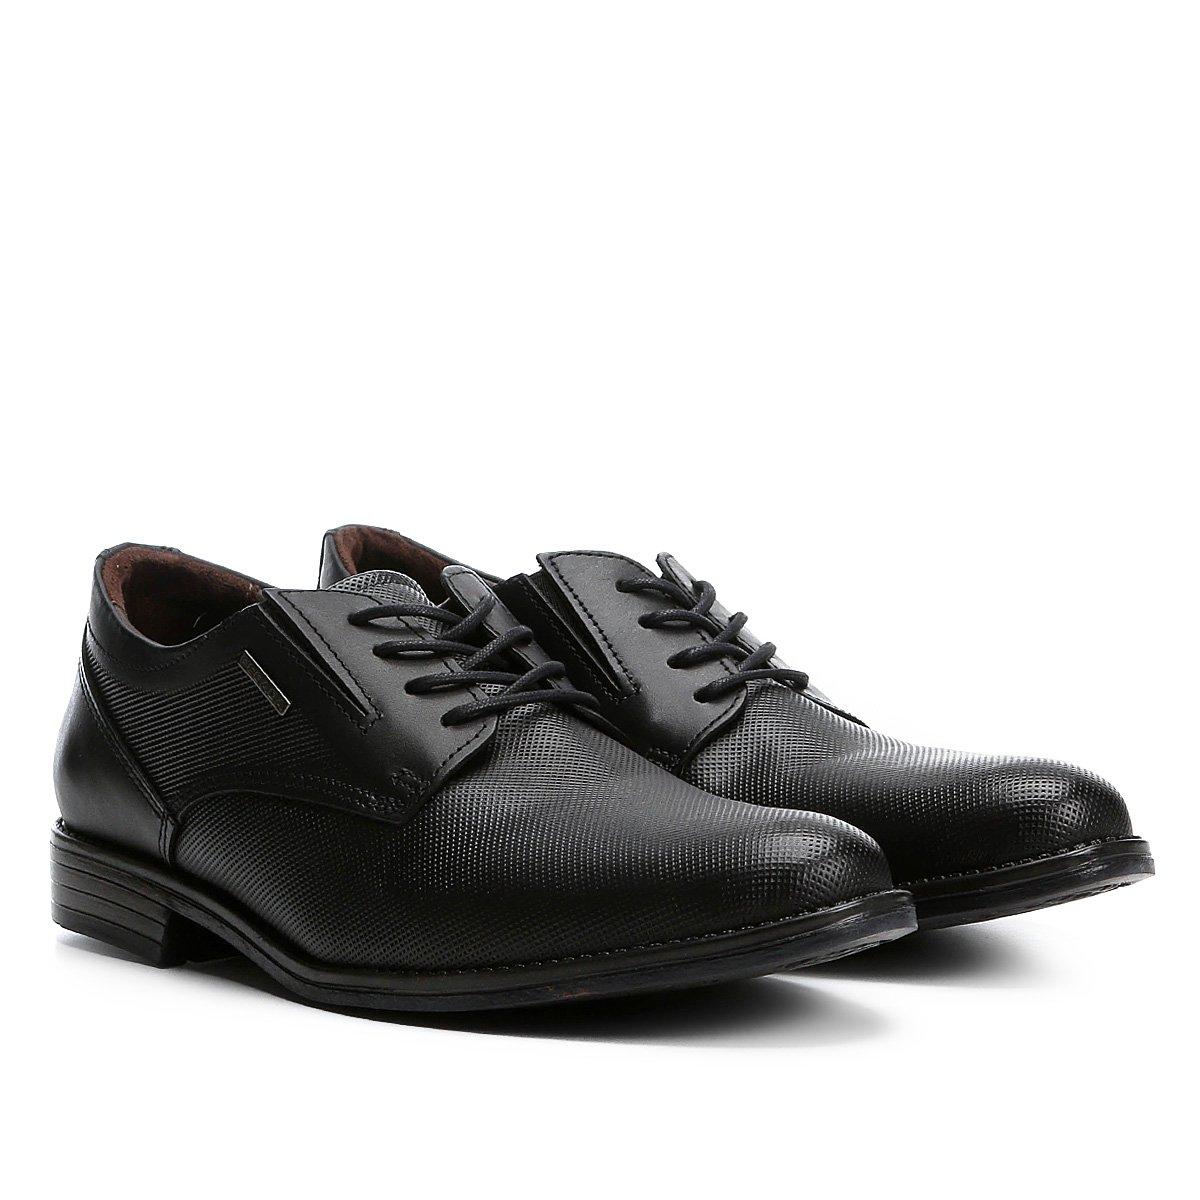 007dde757 Sapato Social Pegada Masculino - Preto - Compre Agora | Zattini